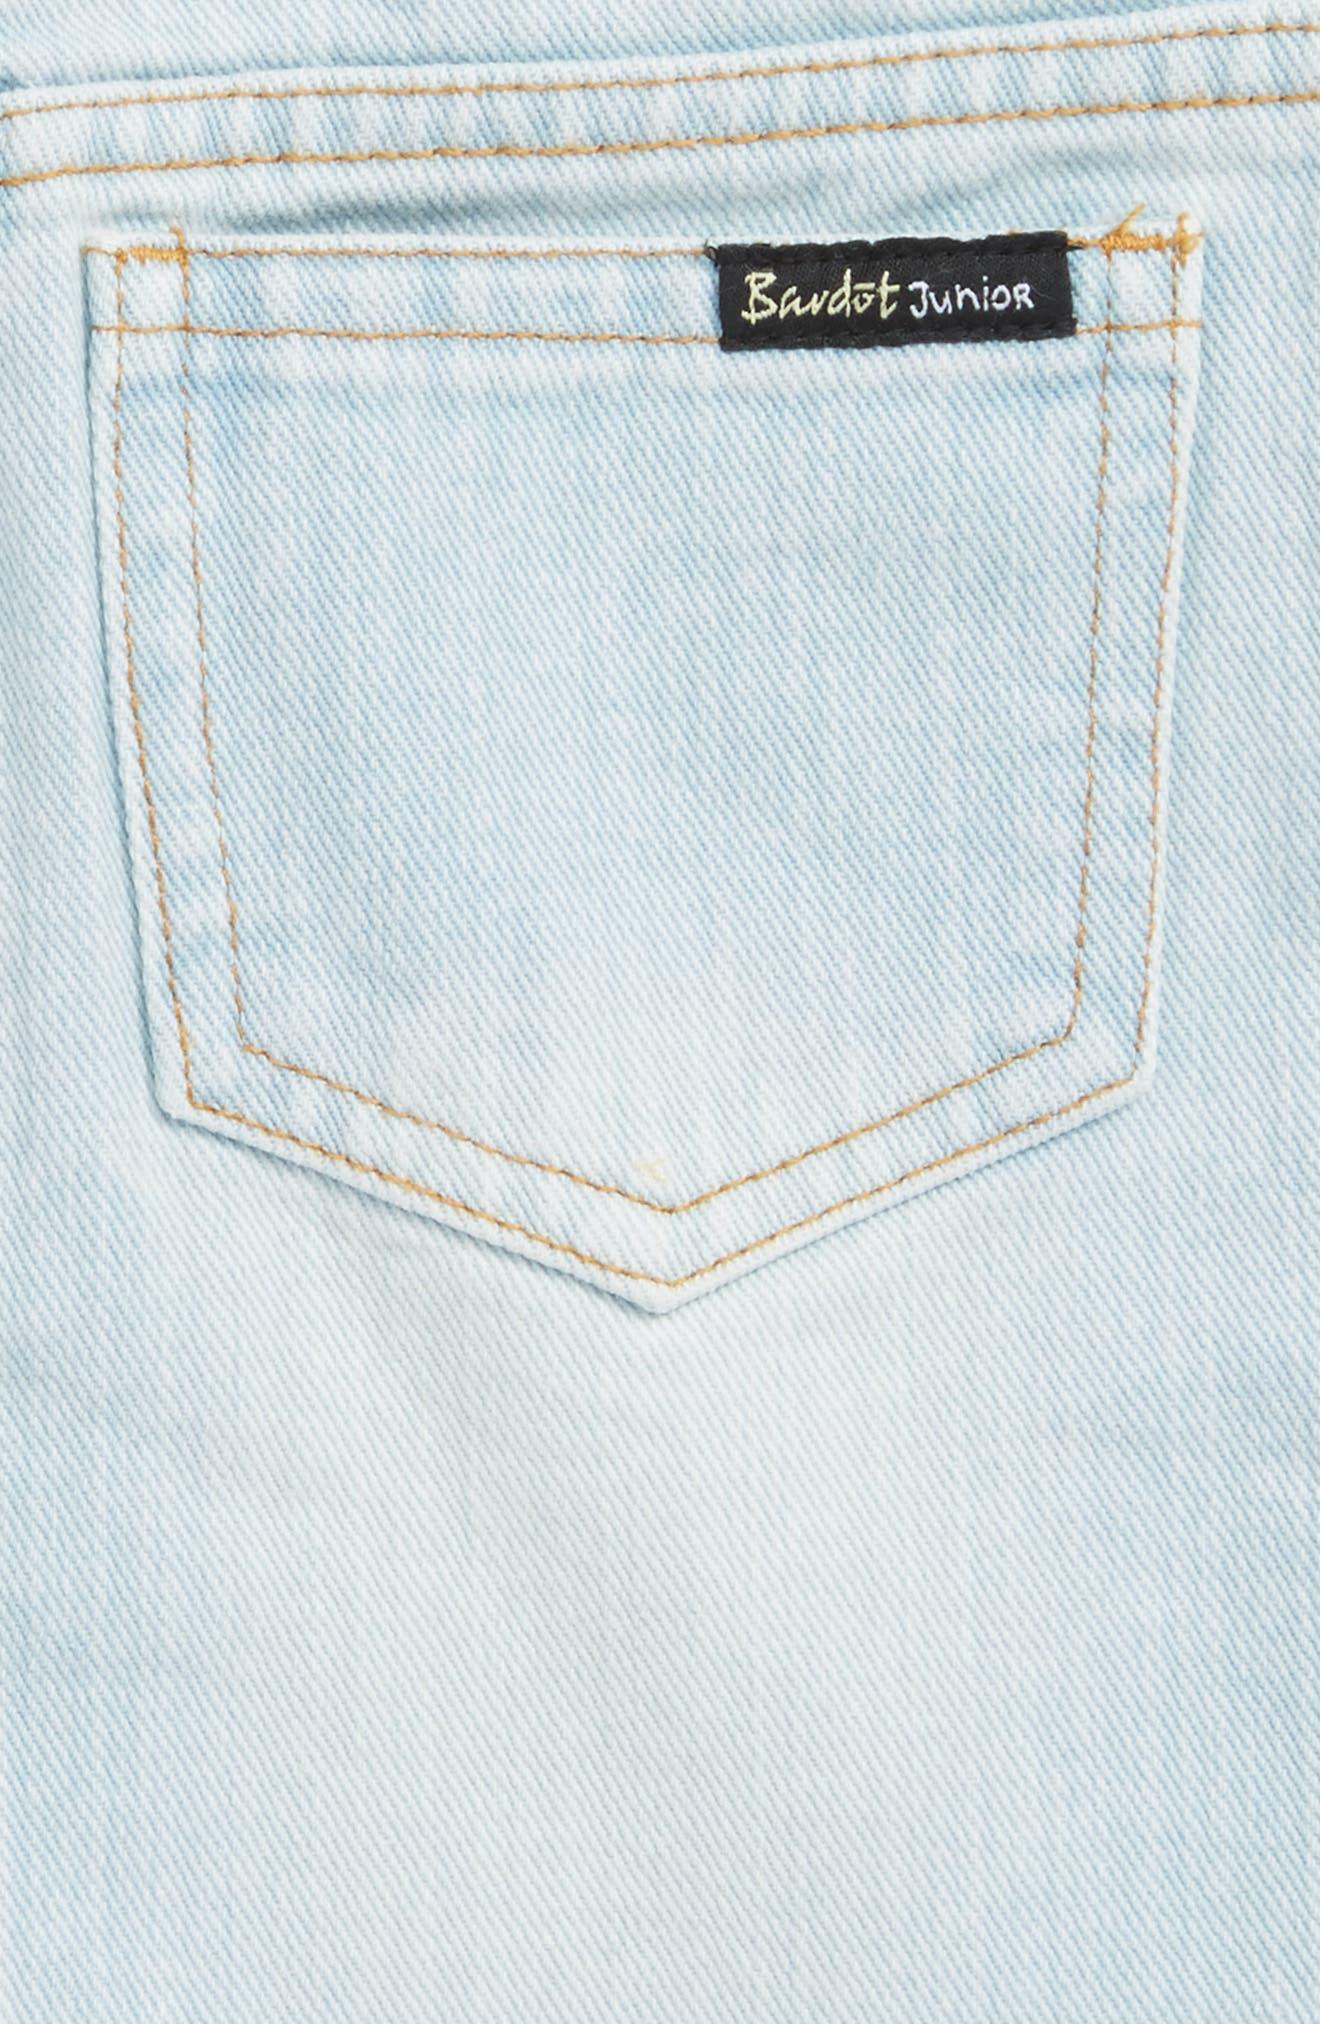 Alternate Image 3  - Bardot Junior Embroidered Denim Skirt (Little Girls)